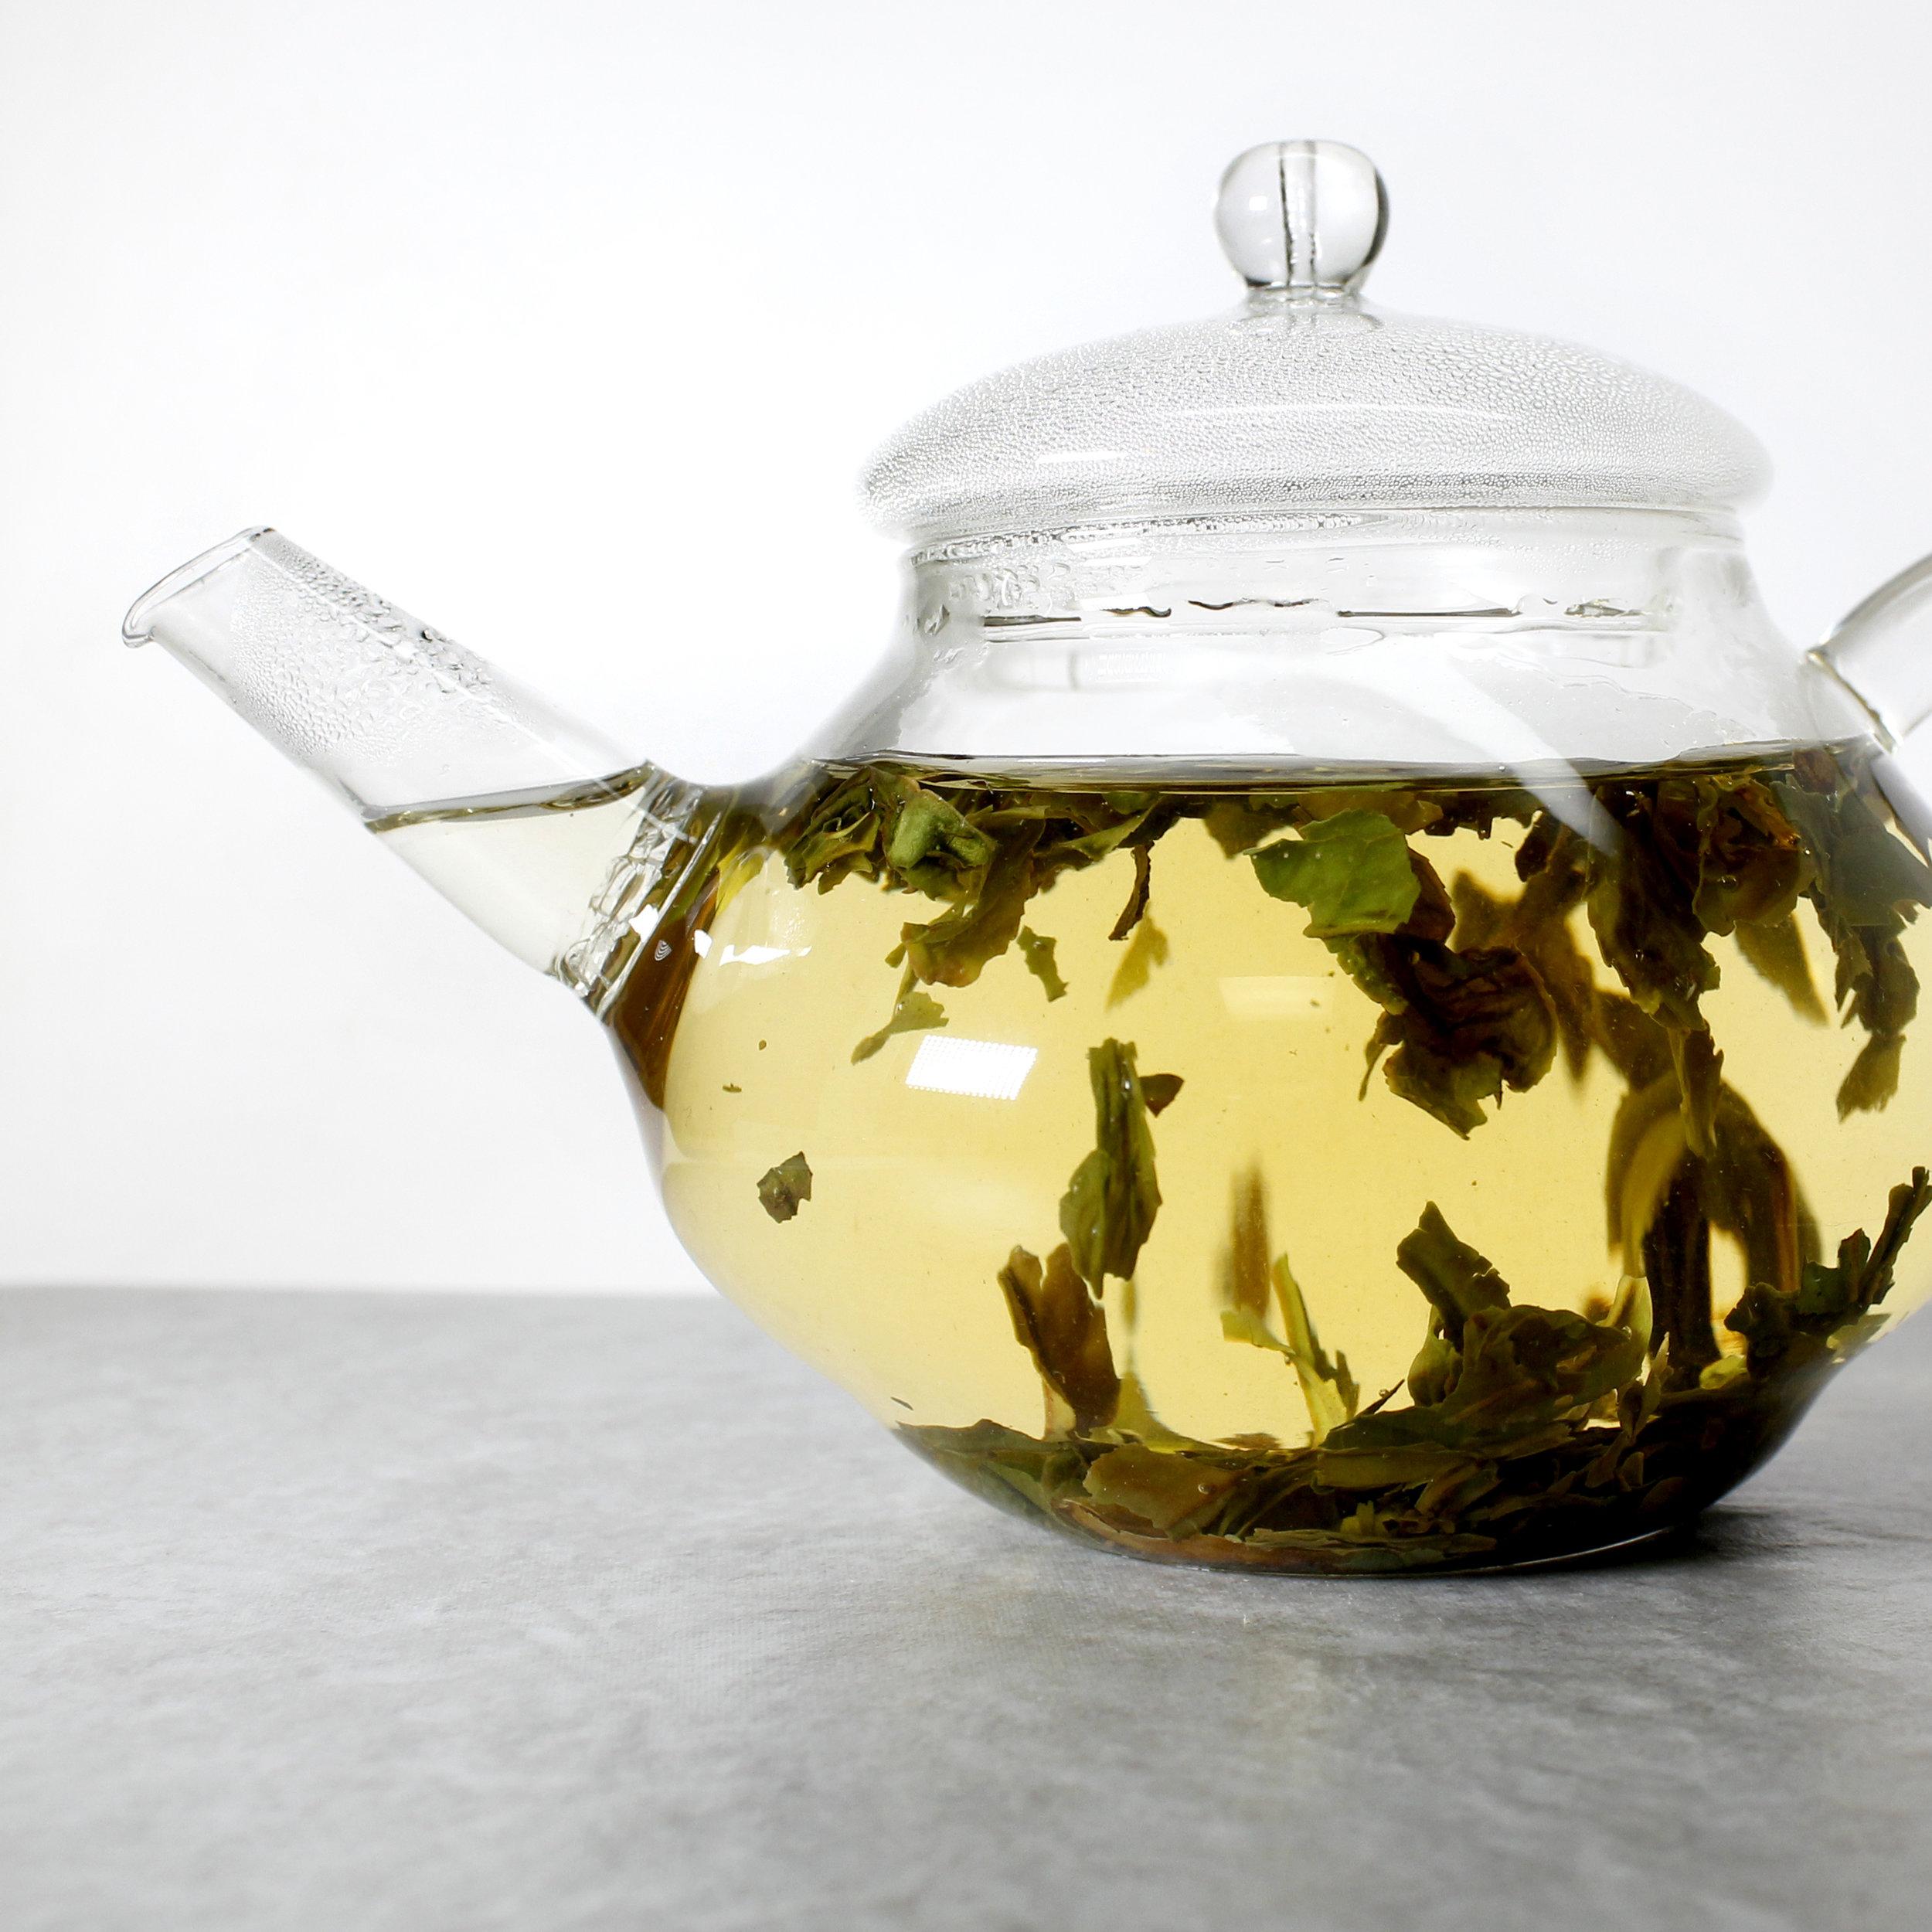 darjeeling-1st-flush-arya-estate-black-whole-leaf-tea-itw1.jpg